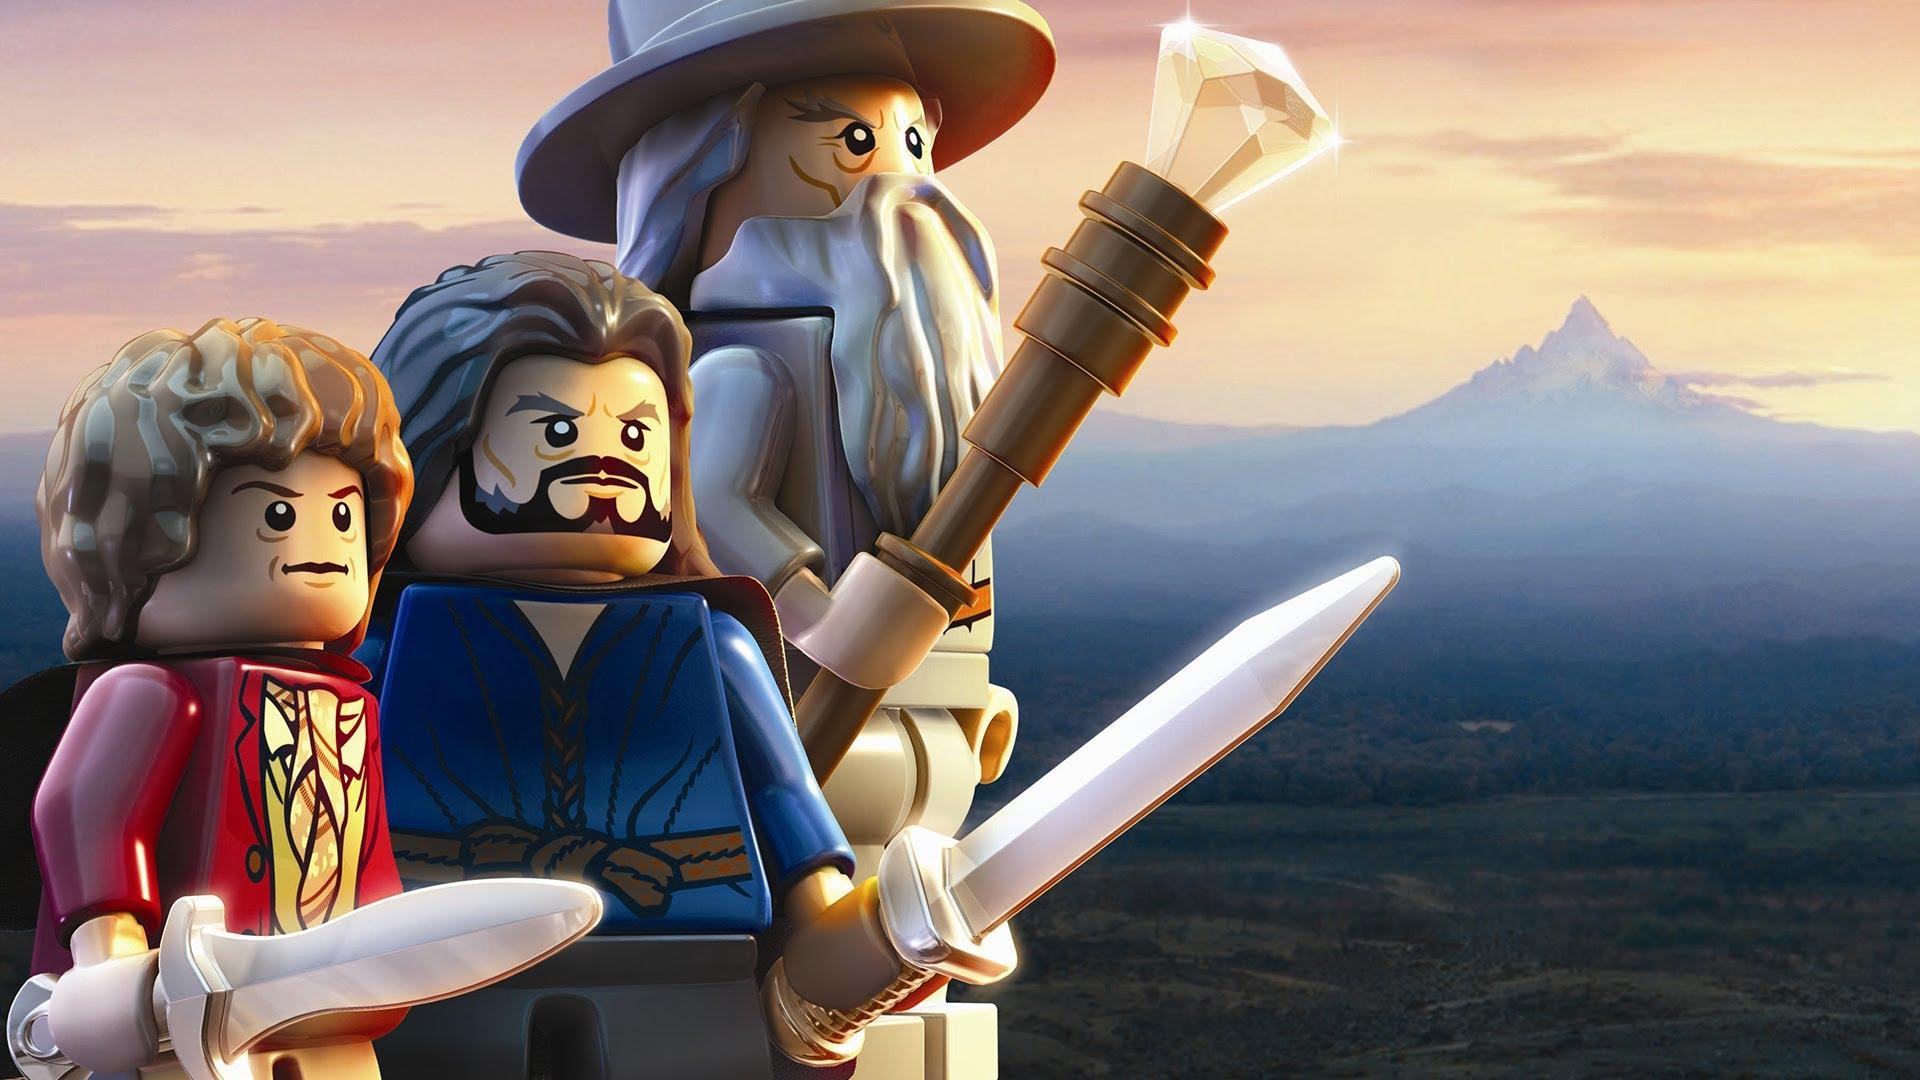 LEGO The Hobbit Game Wallpapers Best Wallpapers FanDownload 1920x1080